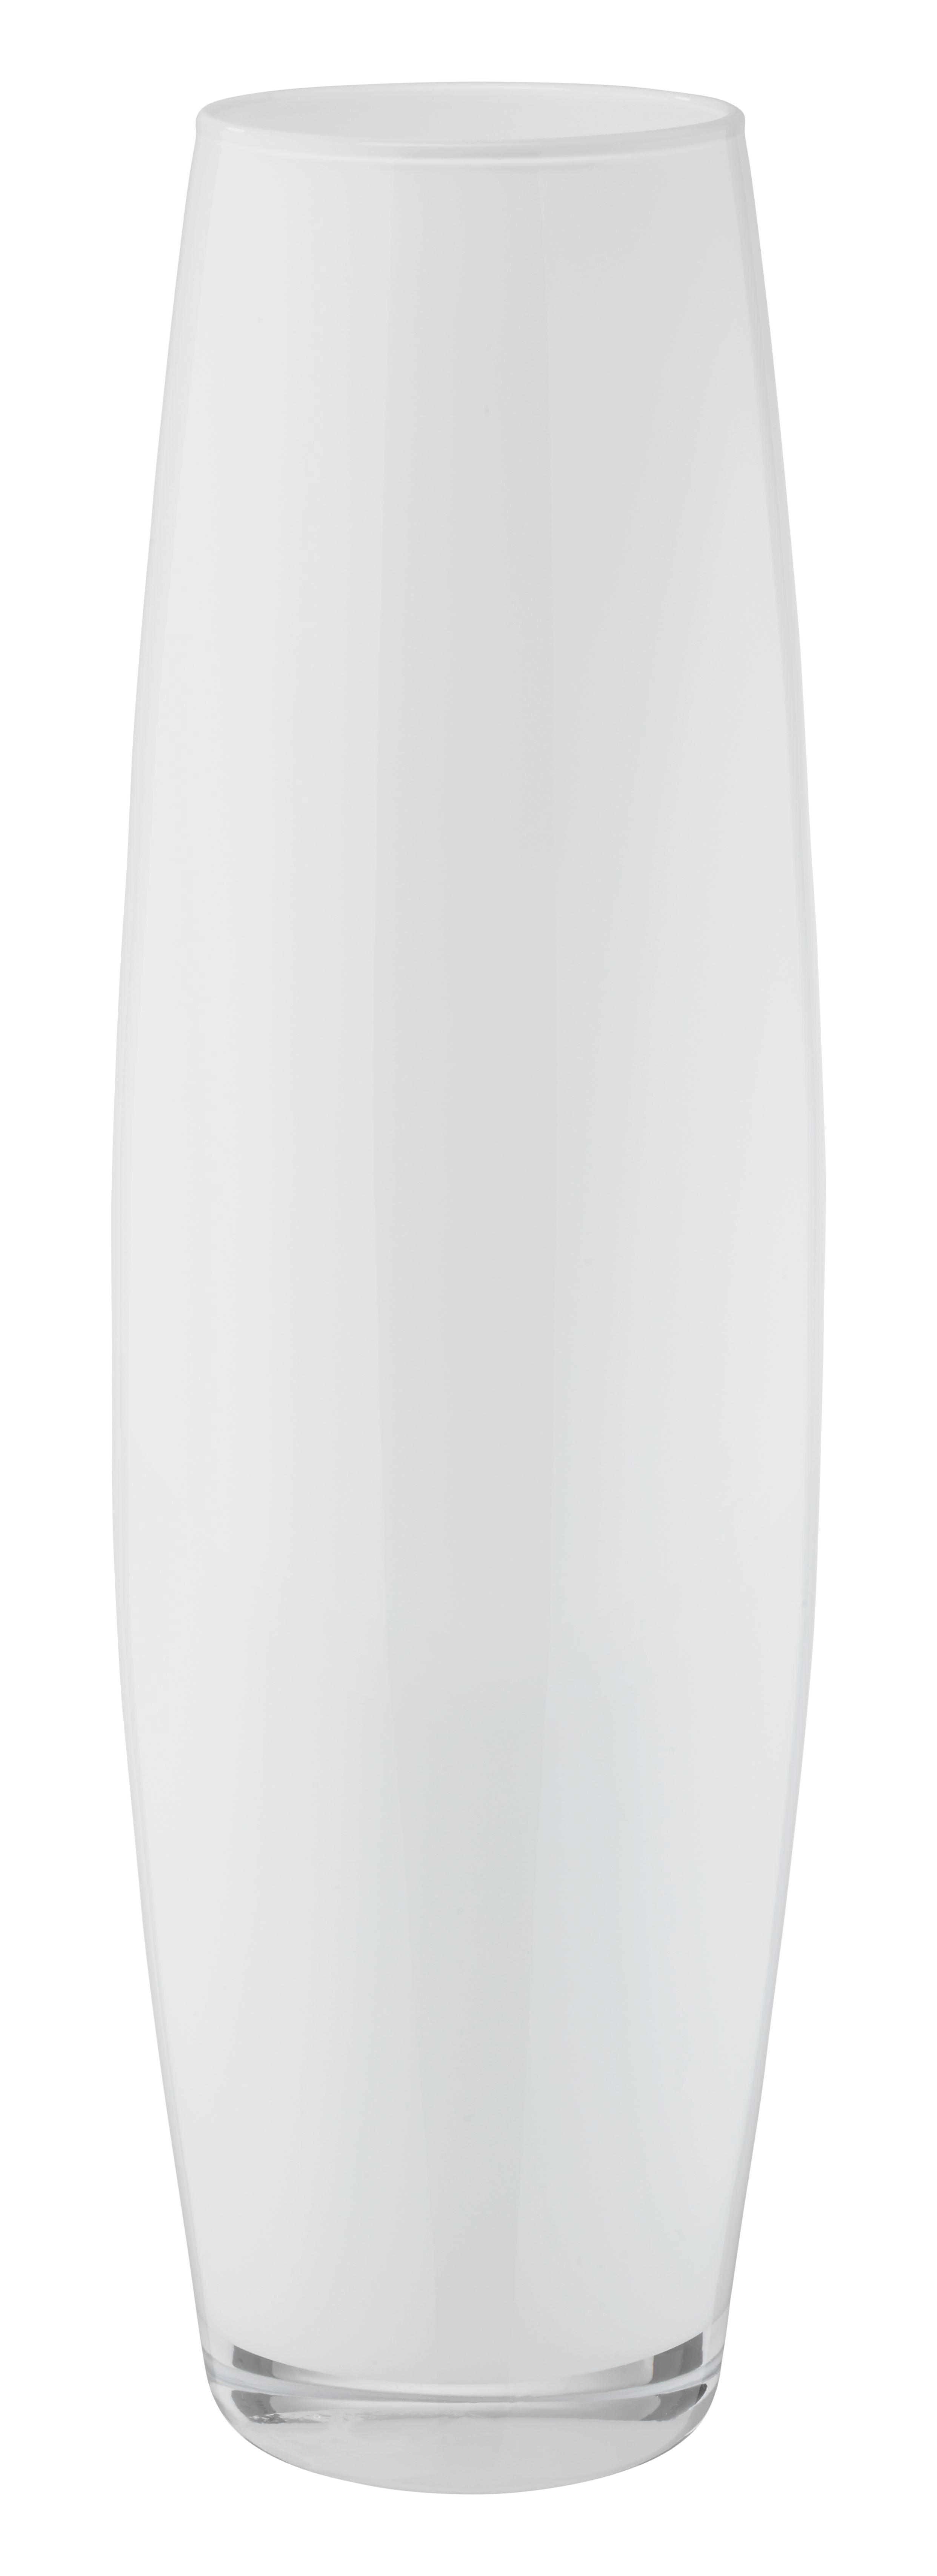 Váza Jenny - fekete/fehér, üveg (70cm) - MÖMAX modern living